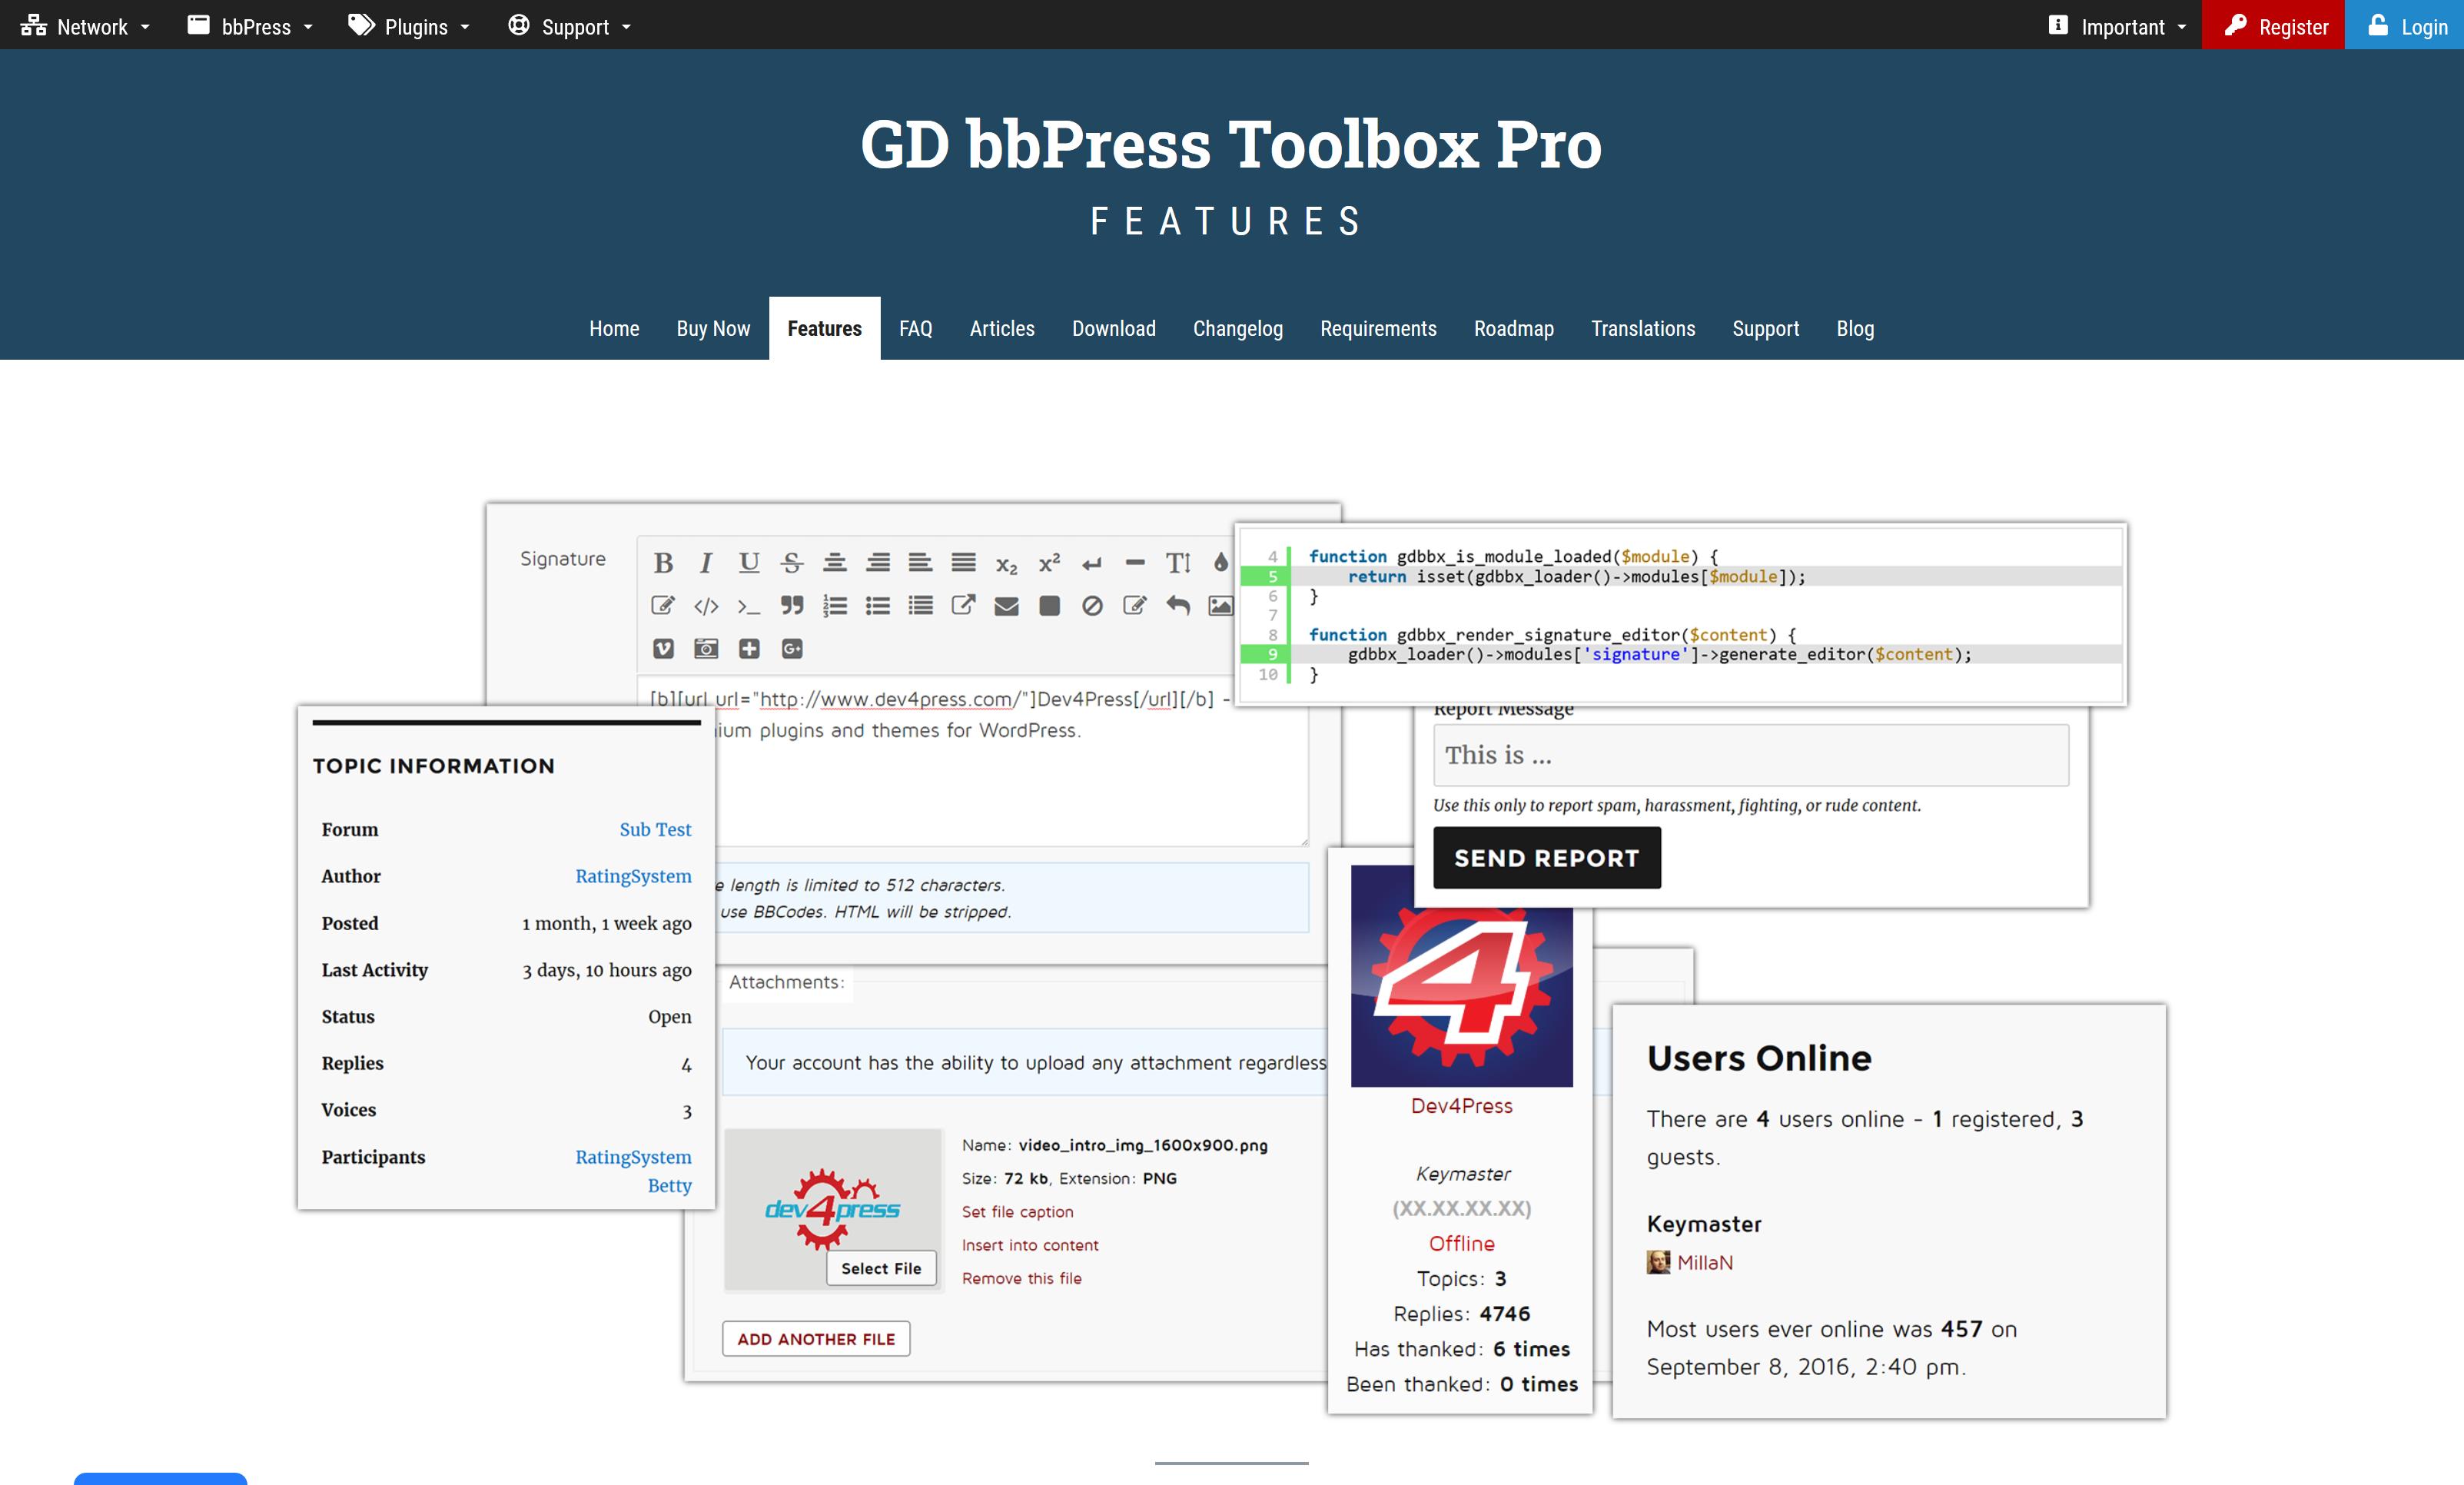 GD bbPress Toolbox Pro 6.4.4 – Dev4Press Plugins for WordPress